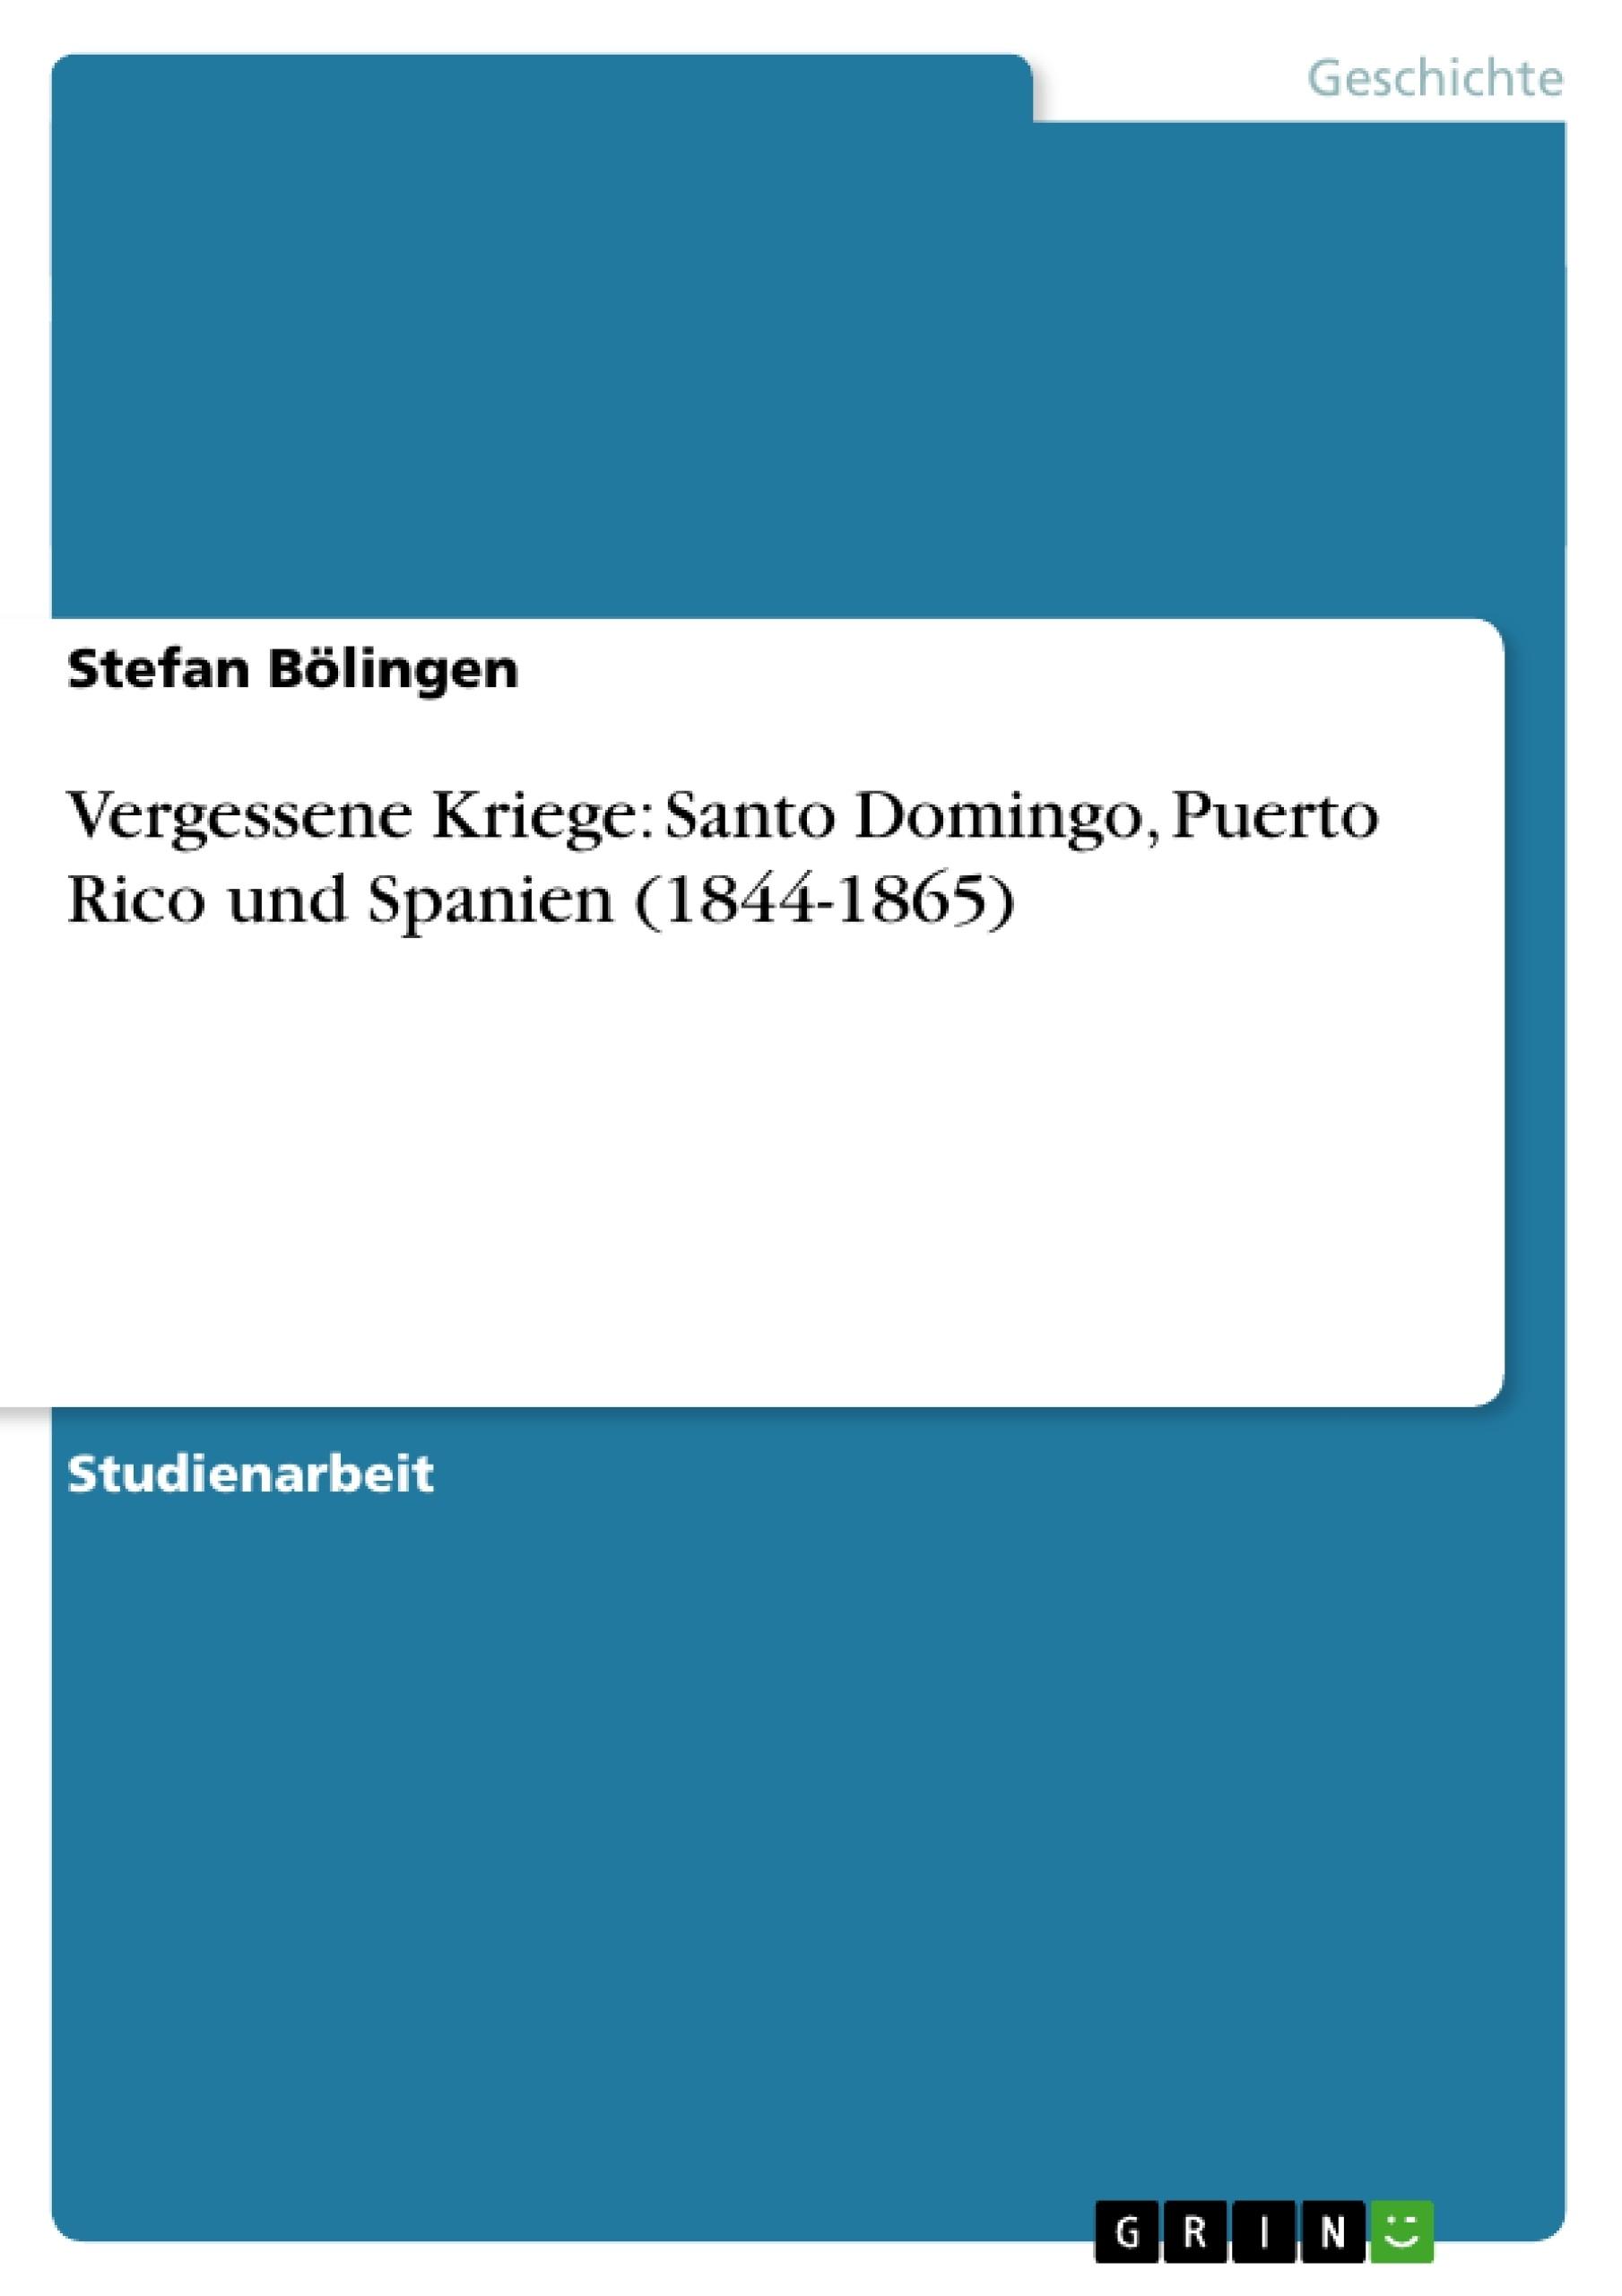 Titel: Vergessene Kriege: Santo Domingo, Puerto Rico und Spanien (1844-1865)